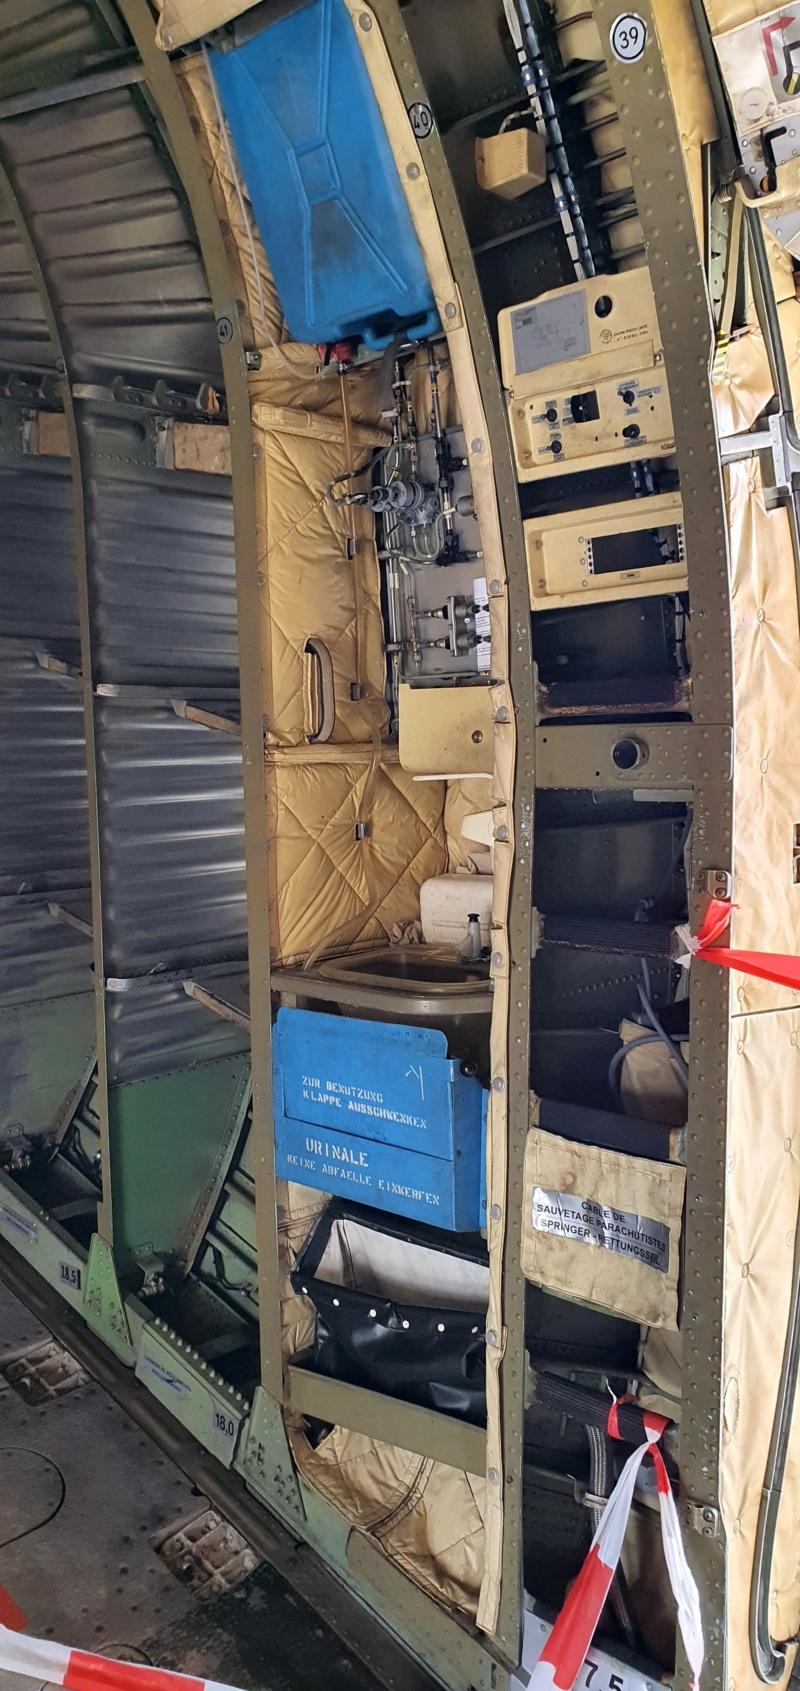 Transall C160 50+99 vom LTG 61 im Technikmuseum Speyer 20210821